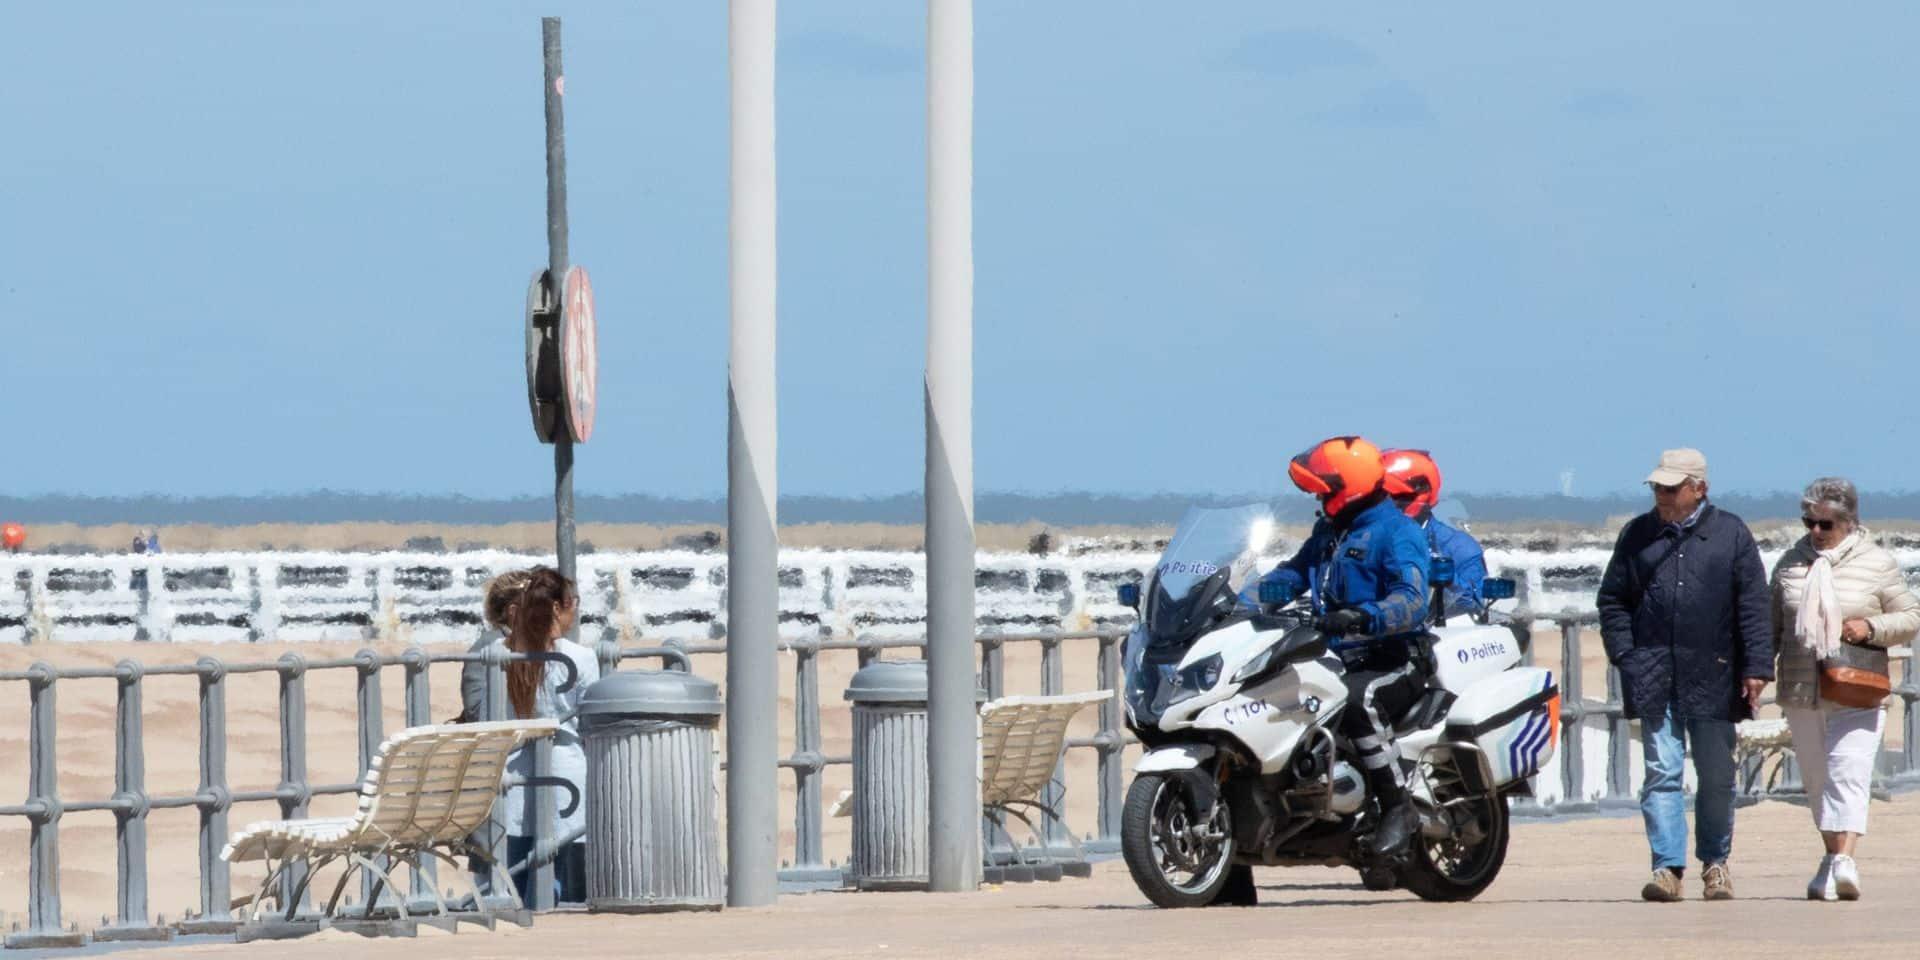 Pour pouvoir profiter de la plage à Ostende, il faudra réserver